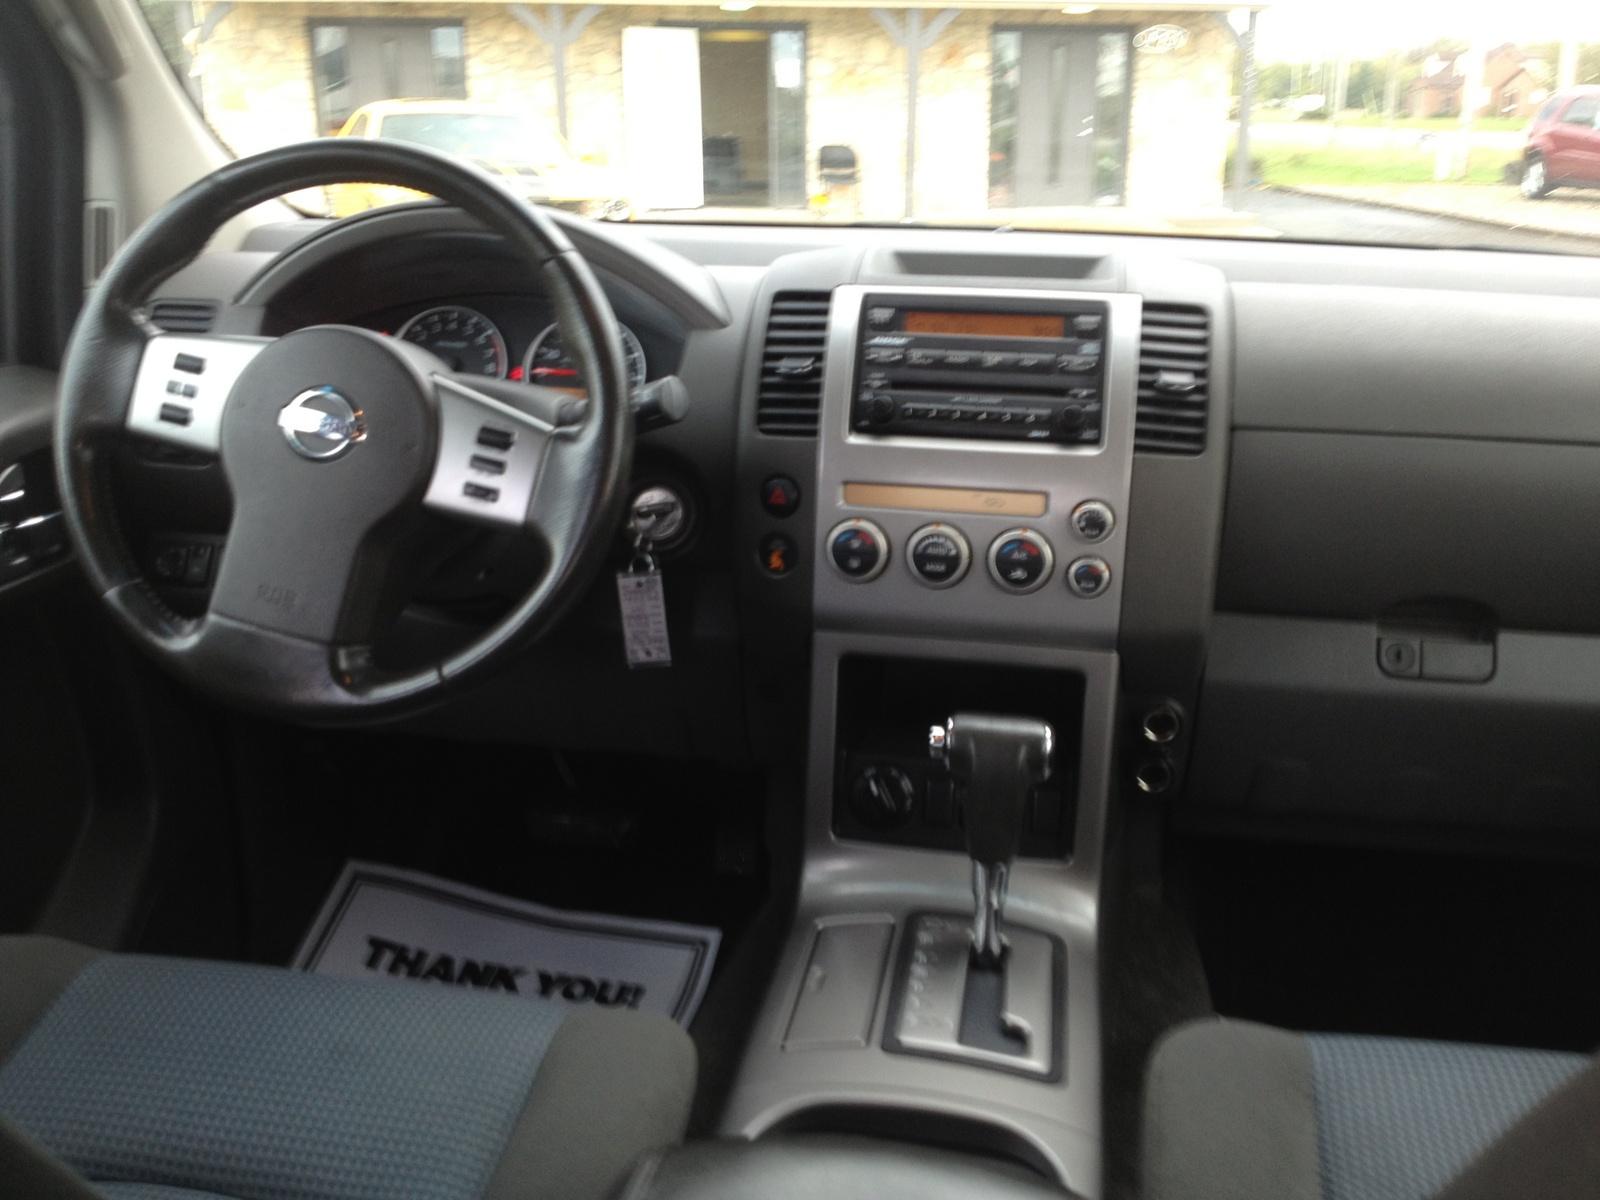 2005 Nissan Pathfinder Interior Pictures Cargurus